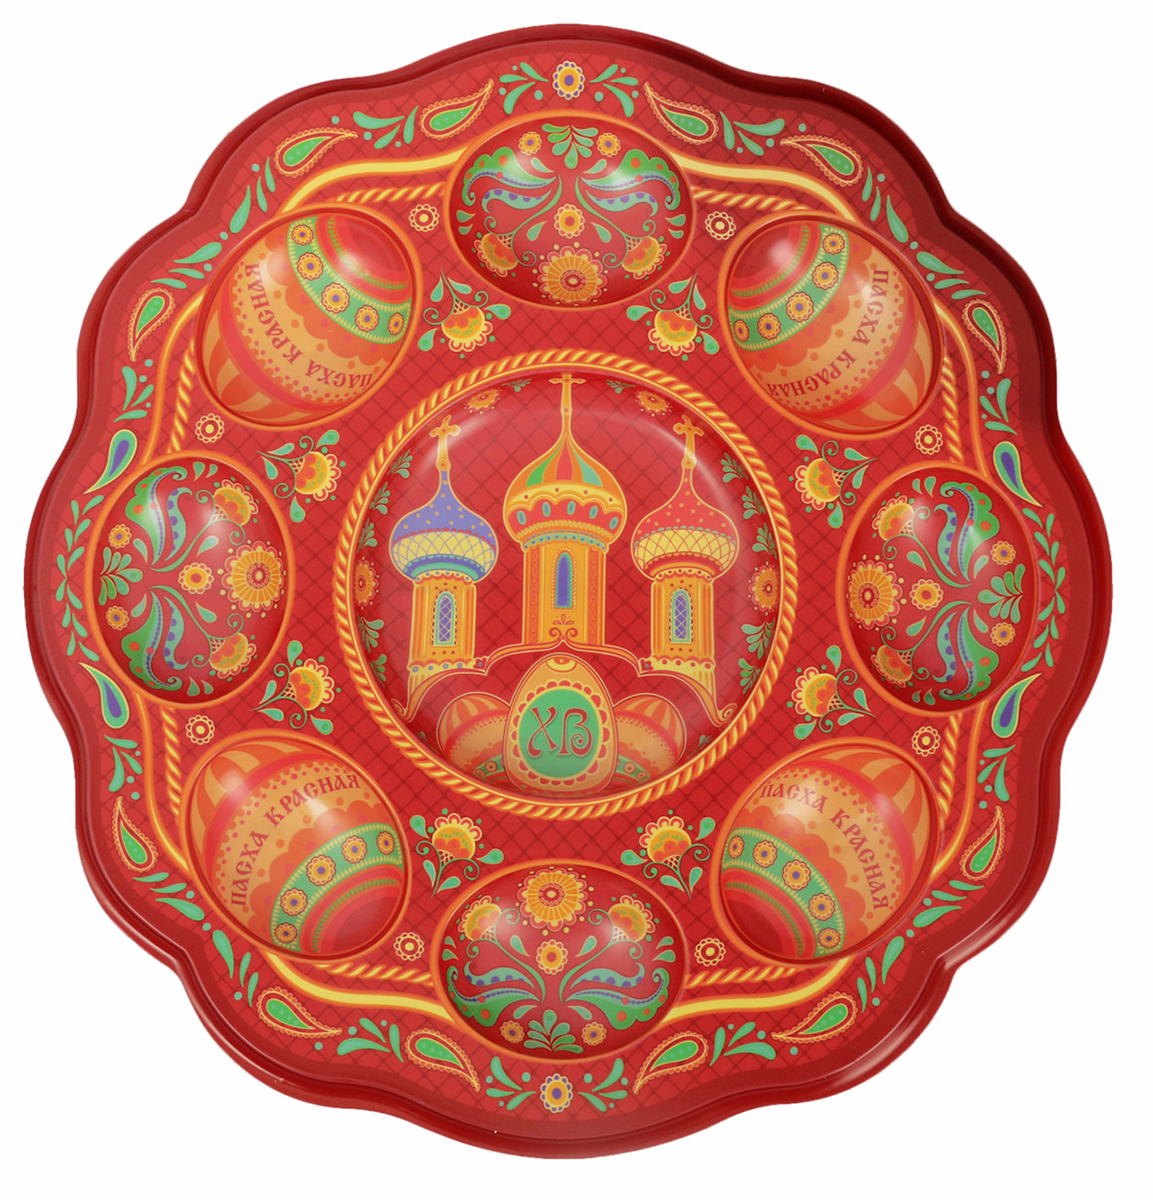 Подставка для яйца Храм, цвет: красный, на 8 яиц и кулич, 24 х 25 см. 1653900 подставка для яйца городетская на 8 яиц и кулич 24 х 25 см 1653890